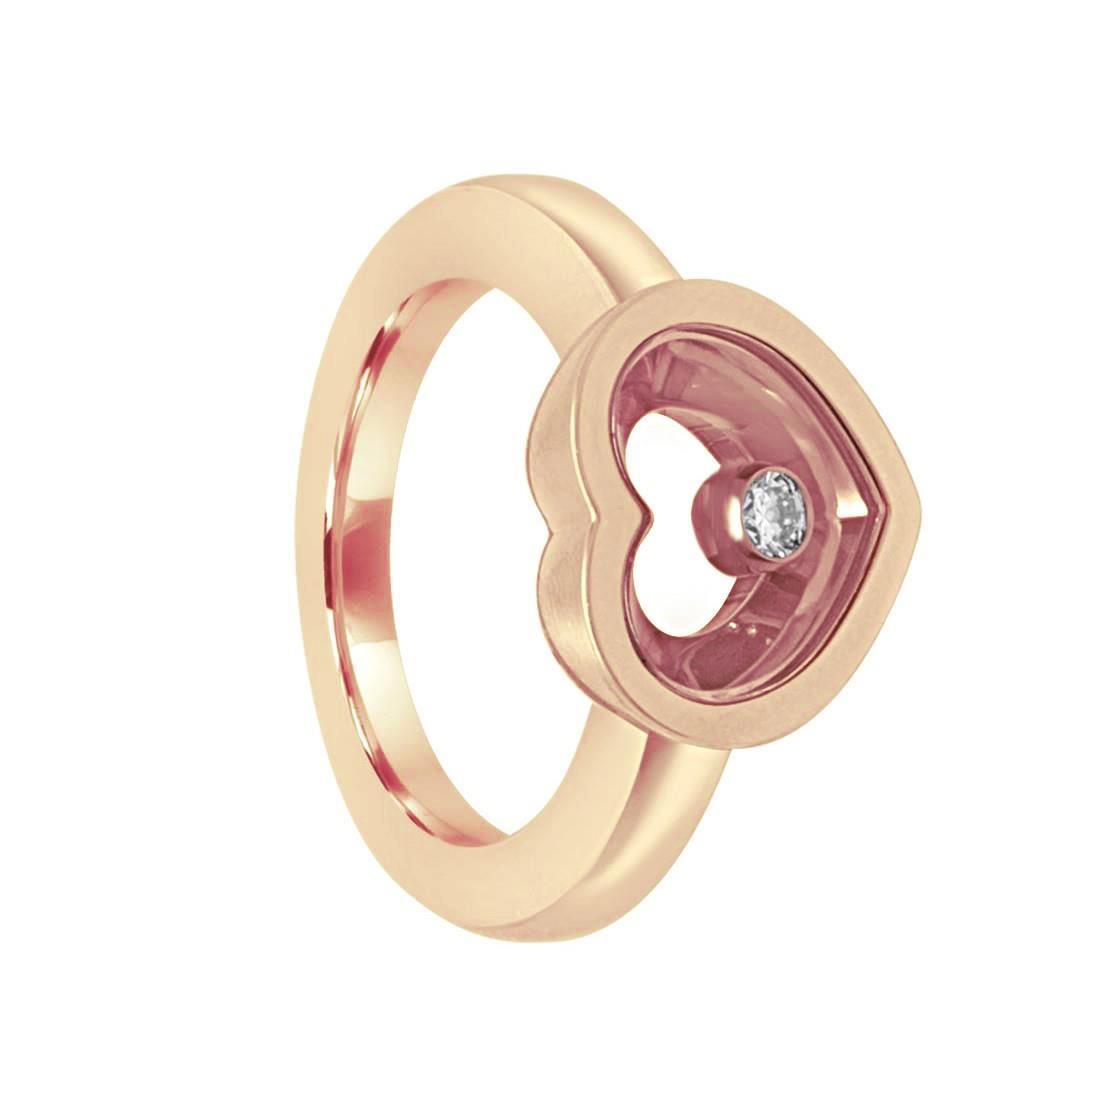 Anello in oro rosa con diamante ct 0.10, misura 14 - CHOPARD